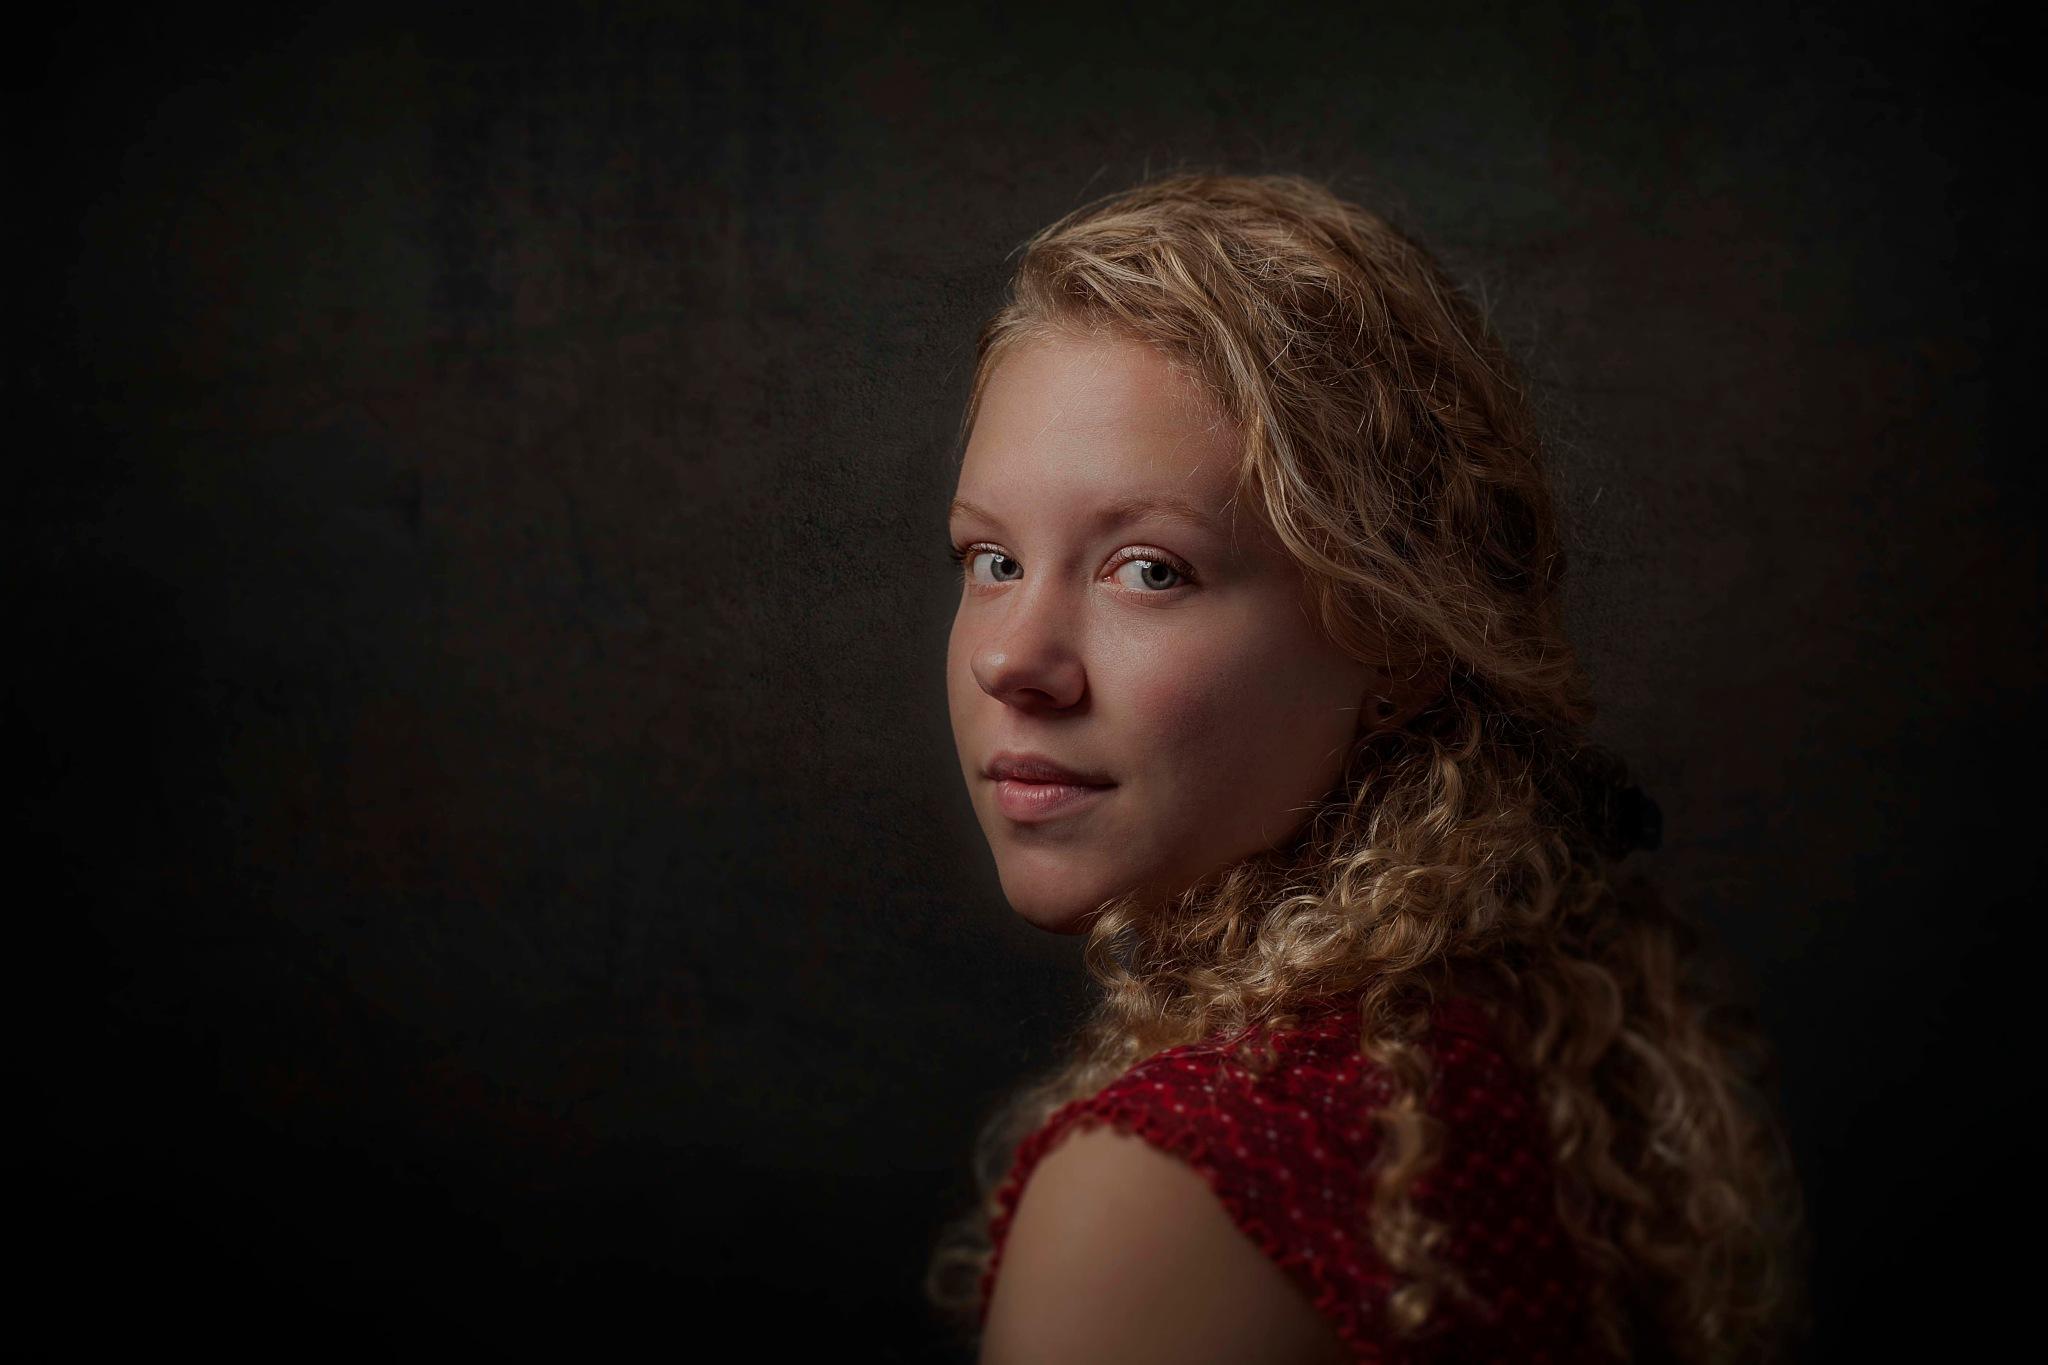 Amber by Ineke Vroom